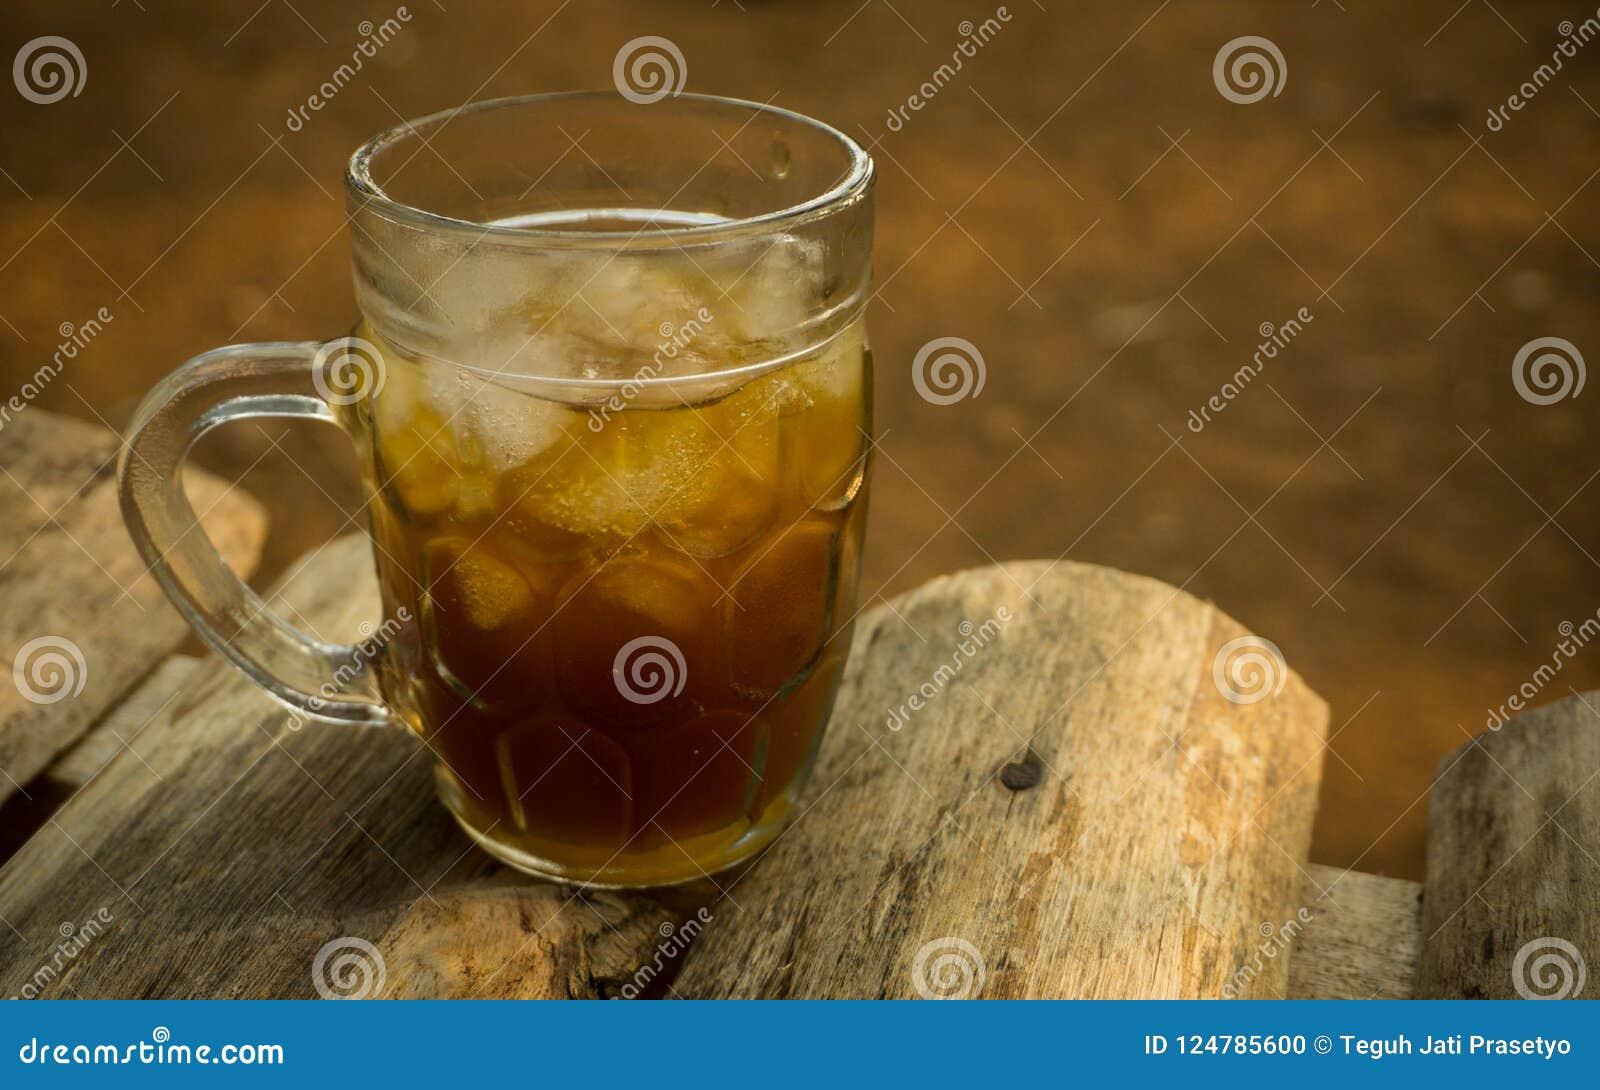 Glas Eistamarindentee asem jawa Flüssigkeit auf Holztisch